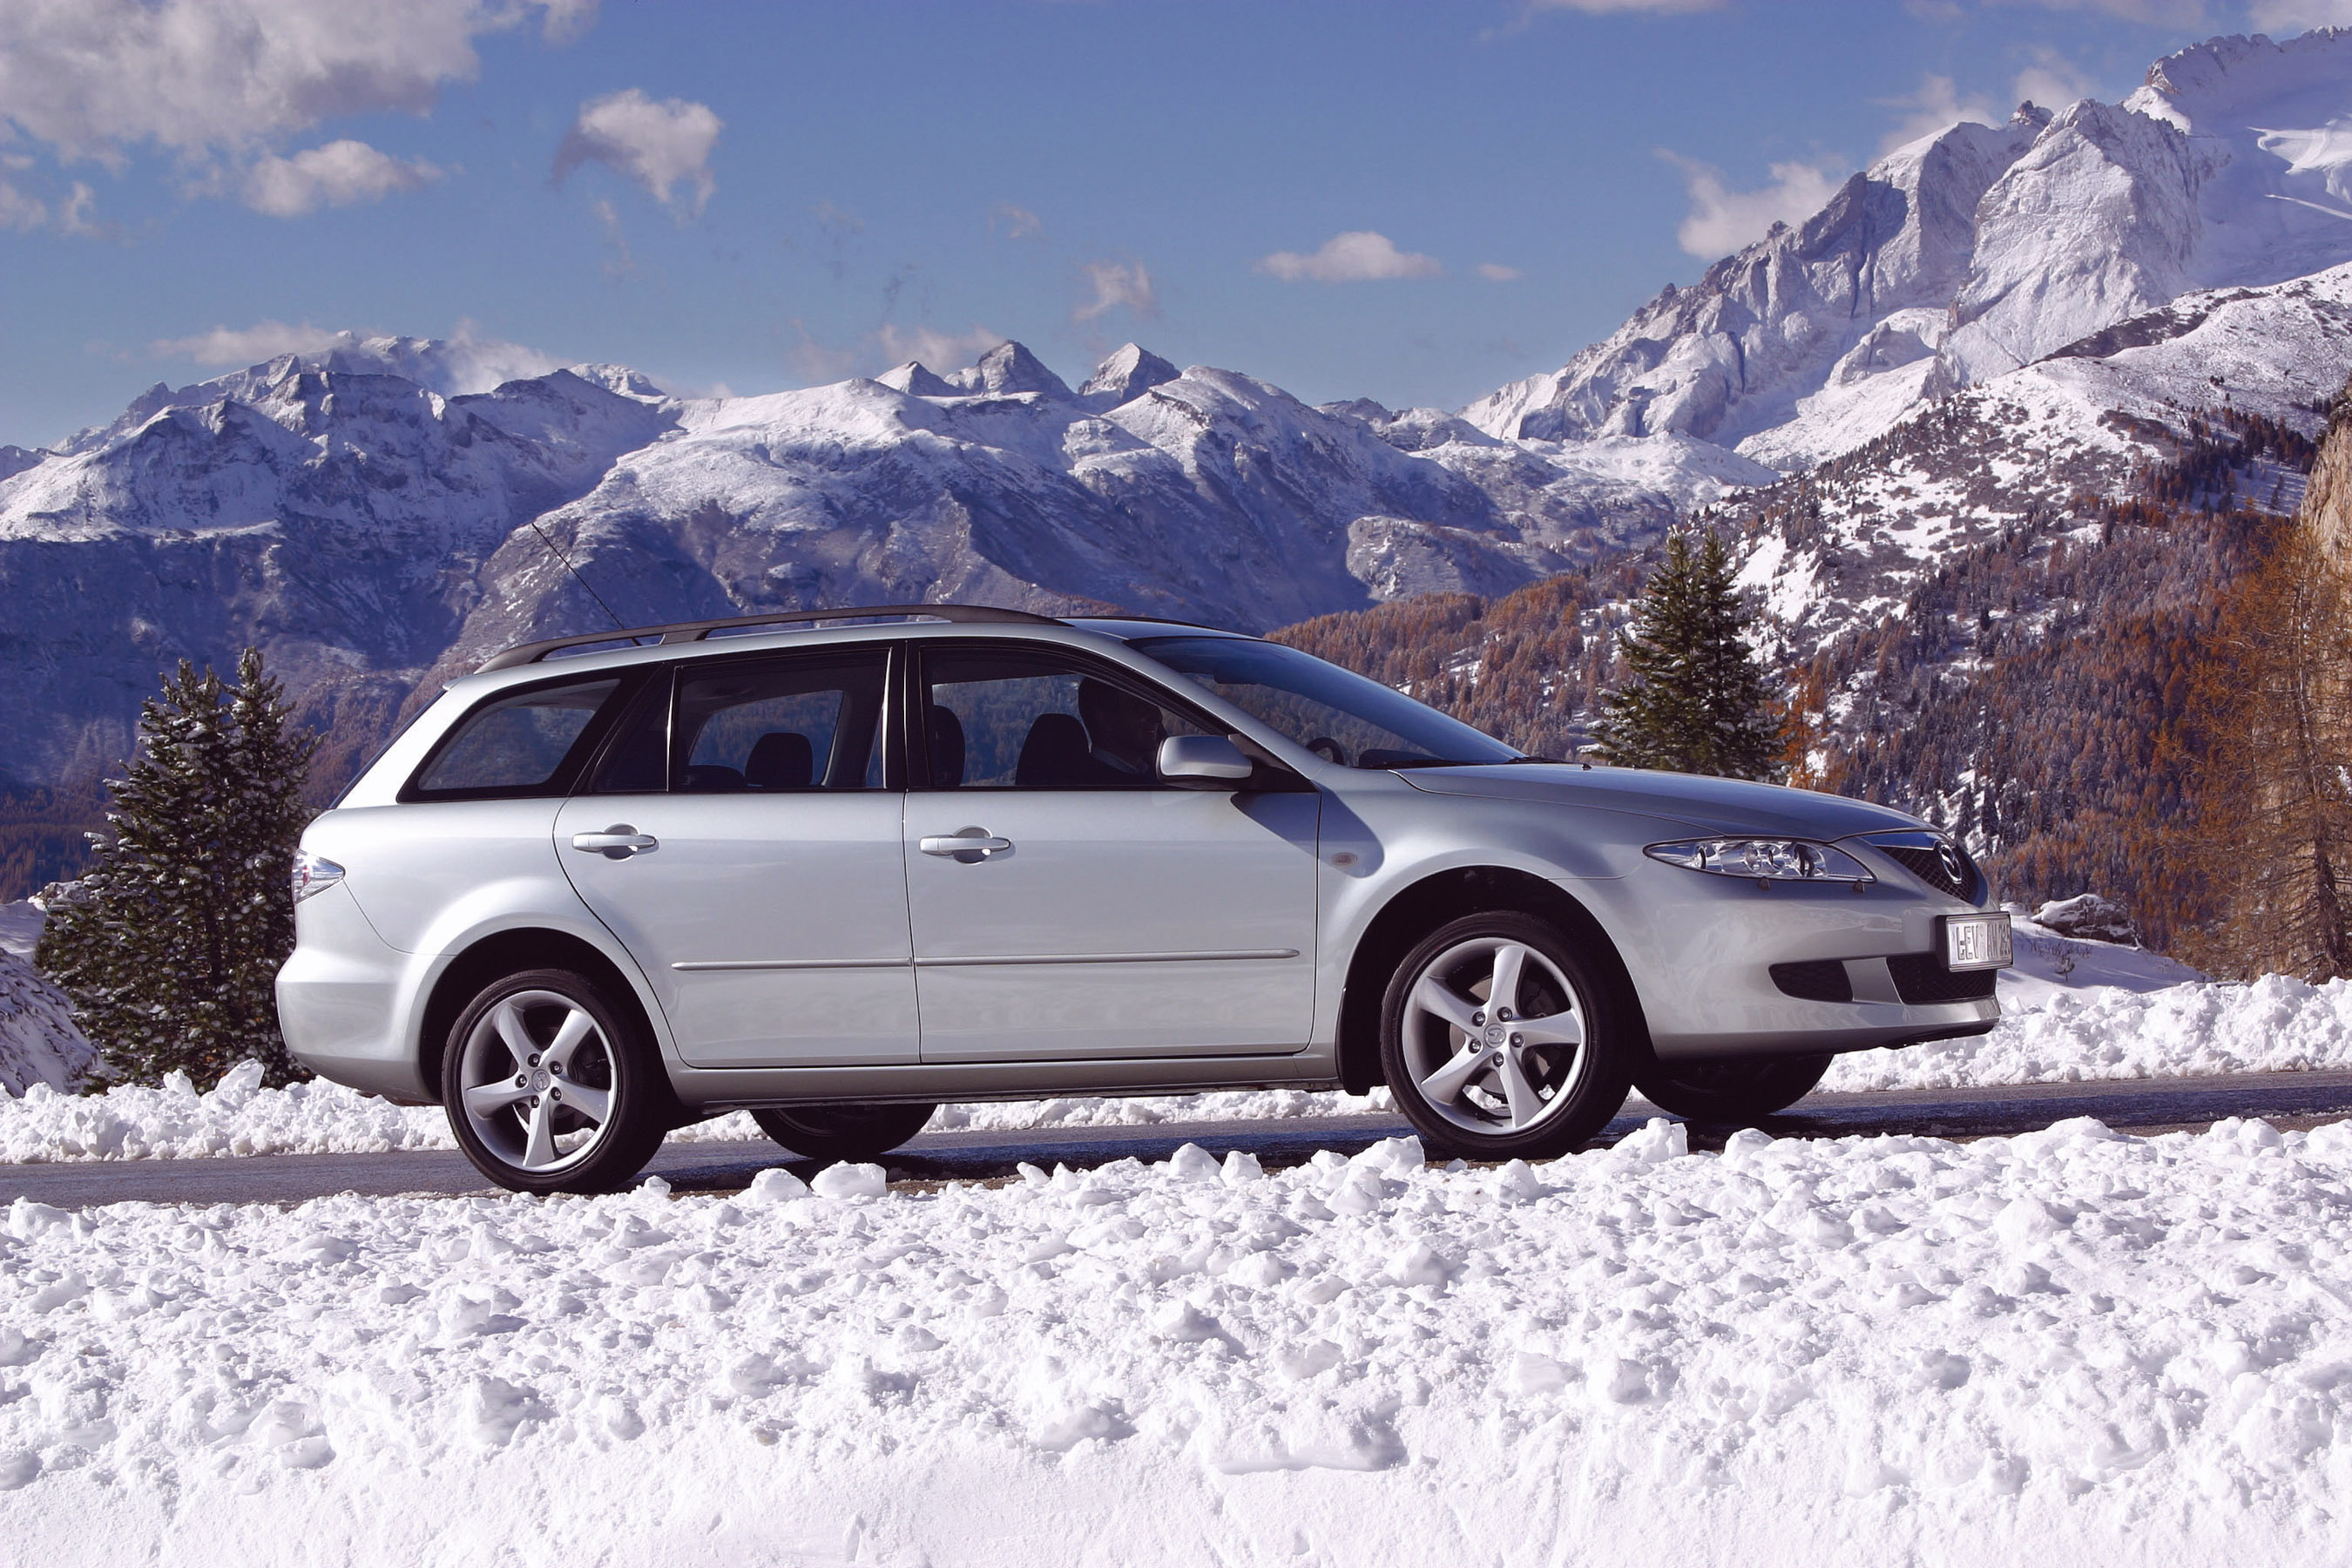 2002 Mazda 6 AWD - Picture 97001